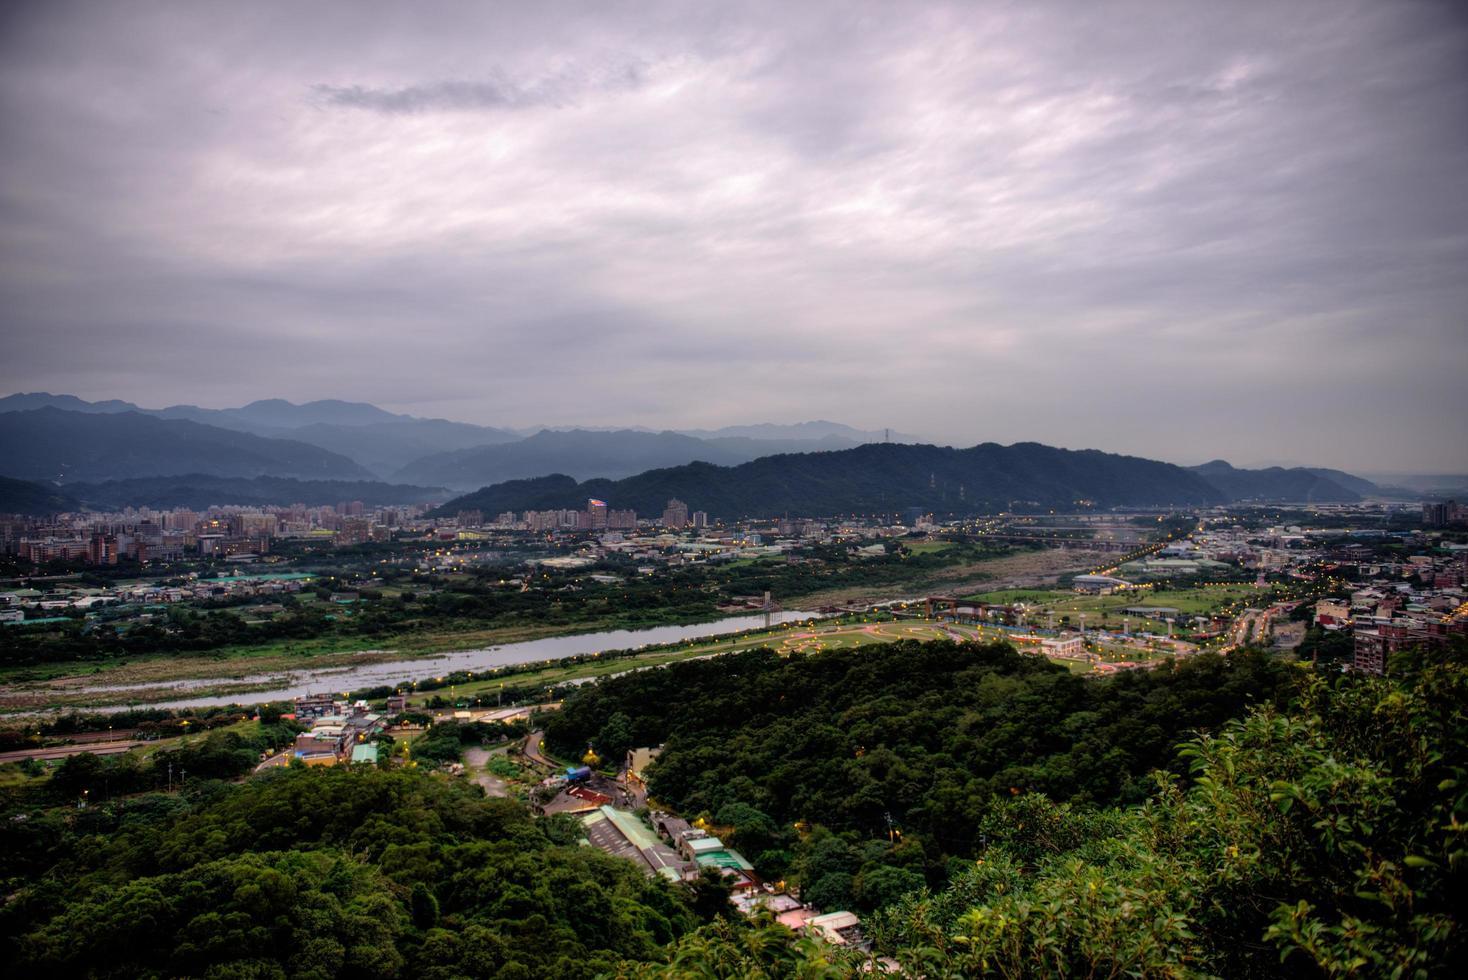 Vue aérienne d'une route dans une ville sous les nuages gris photo